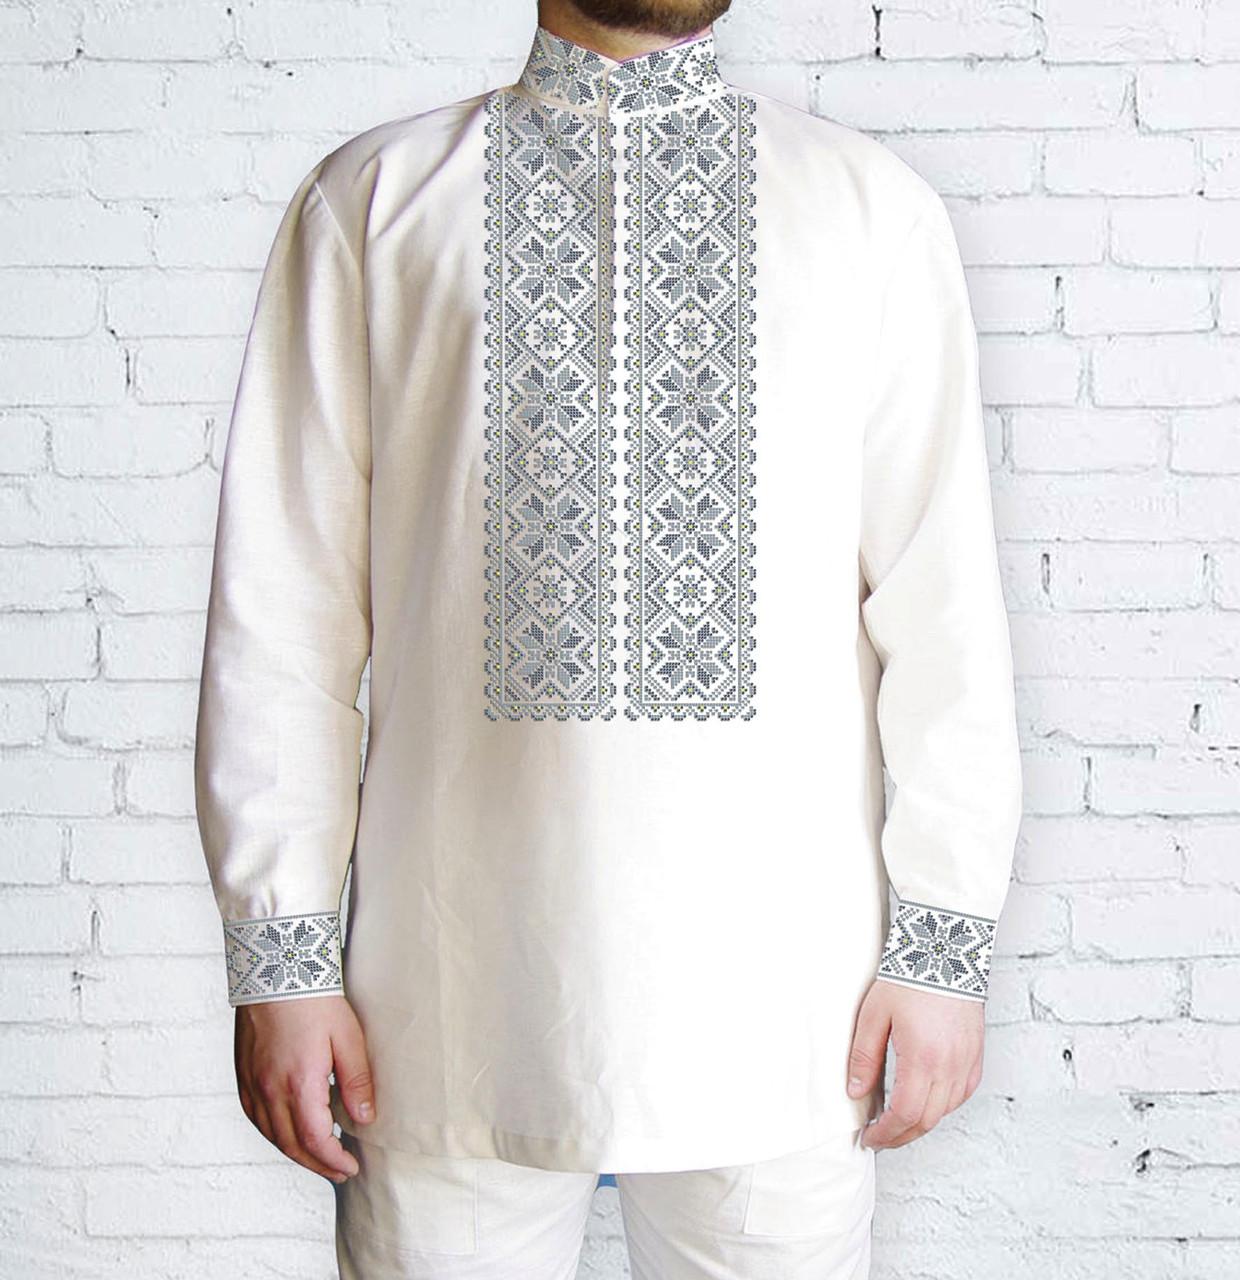 Заготовка чоловічої сорочки та вишиванки для вишивки чи вишивання бісером Бисерок «Сірі зірочки» (Ч-504 С )